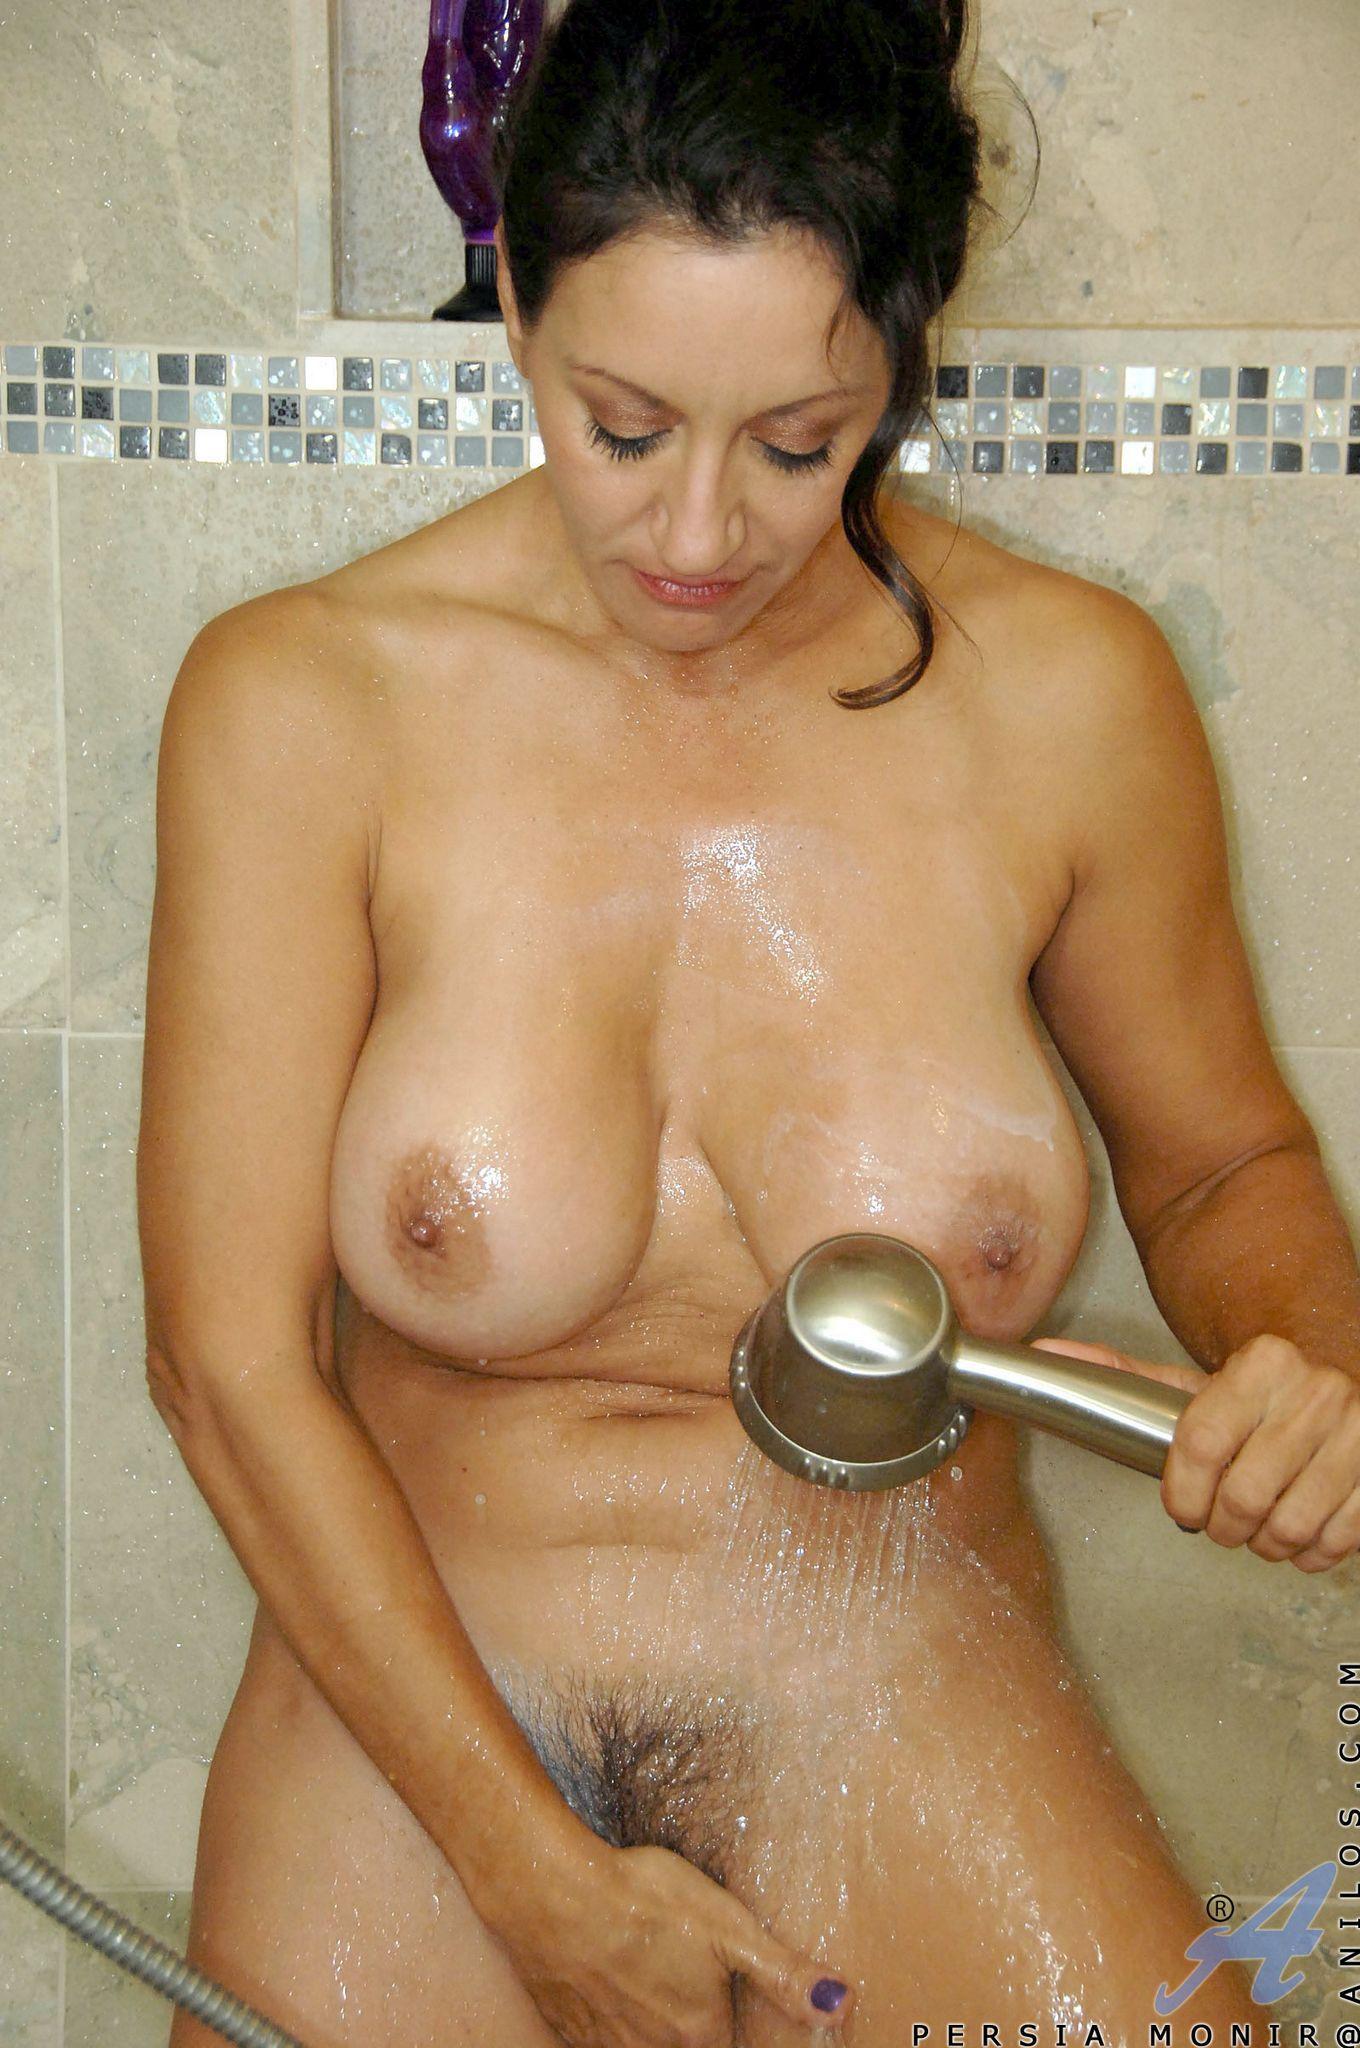 Иранская порно звезда Персиа Монир занимается мастурбацией в душе